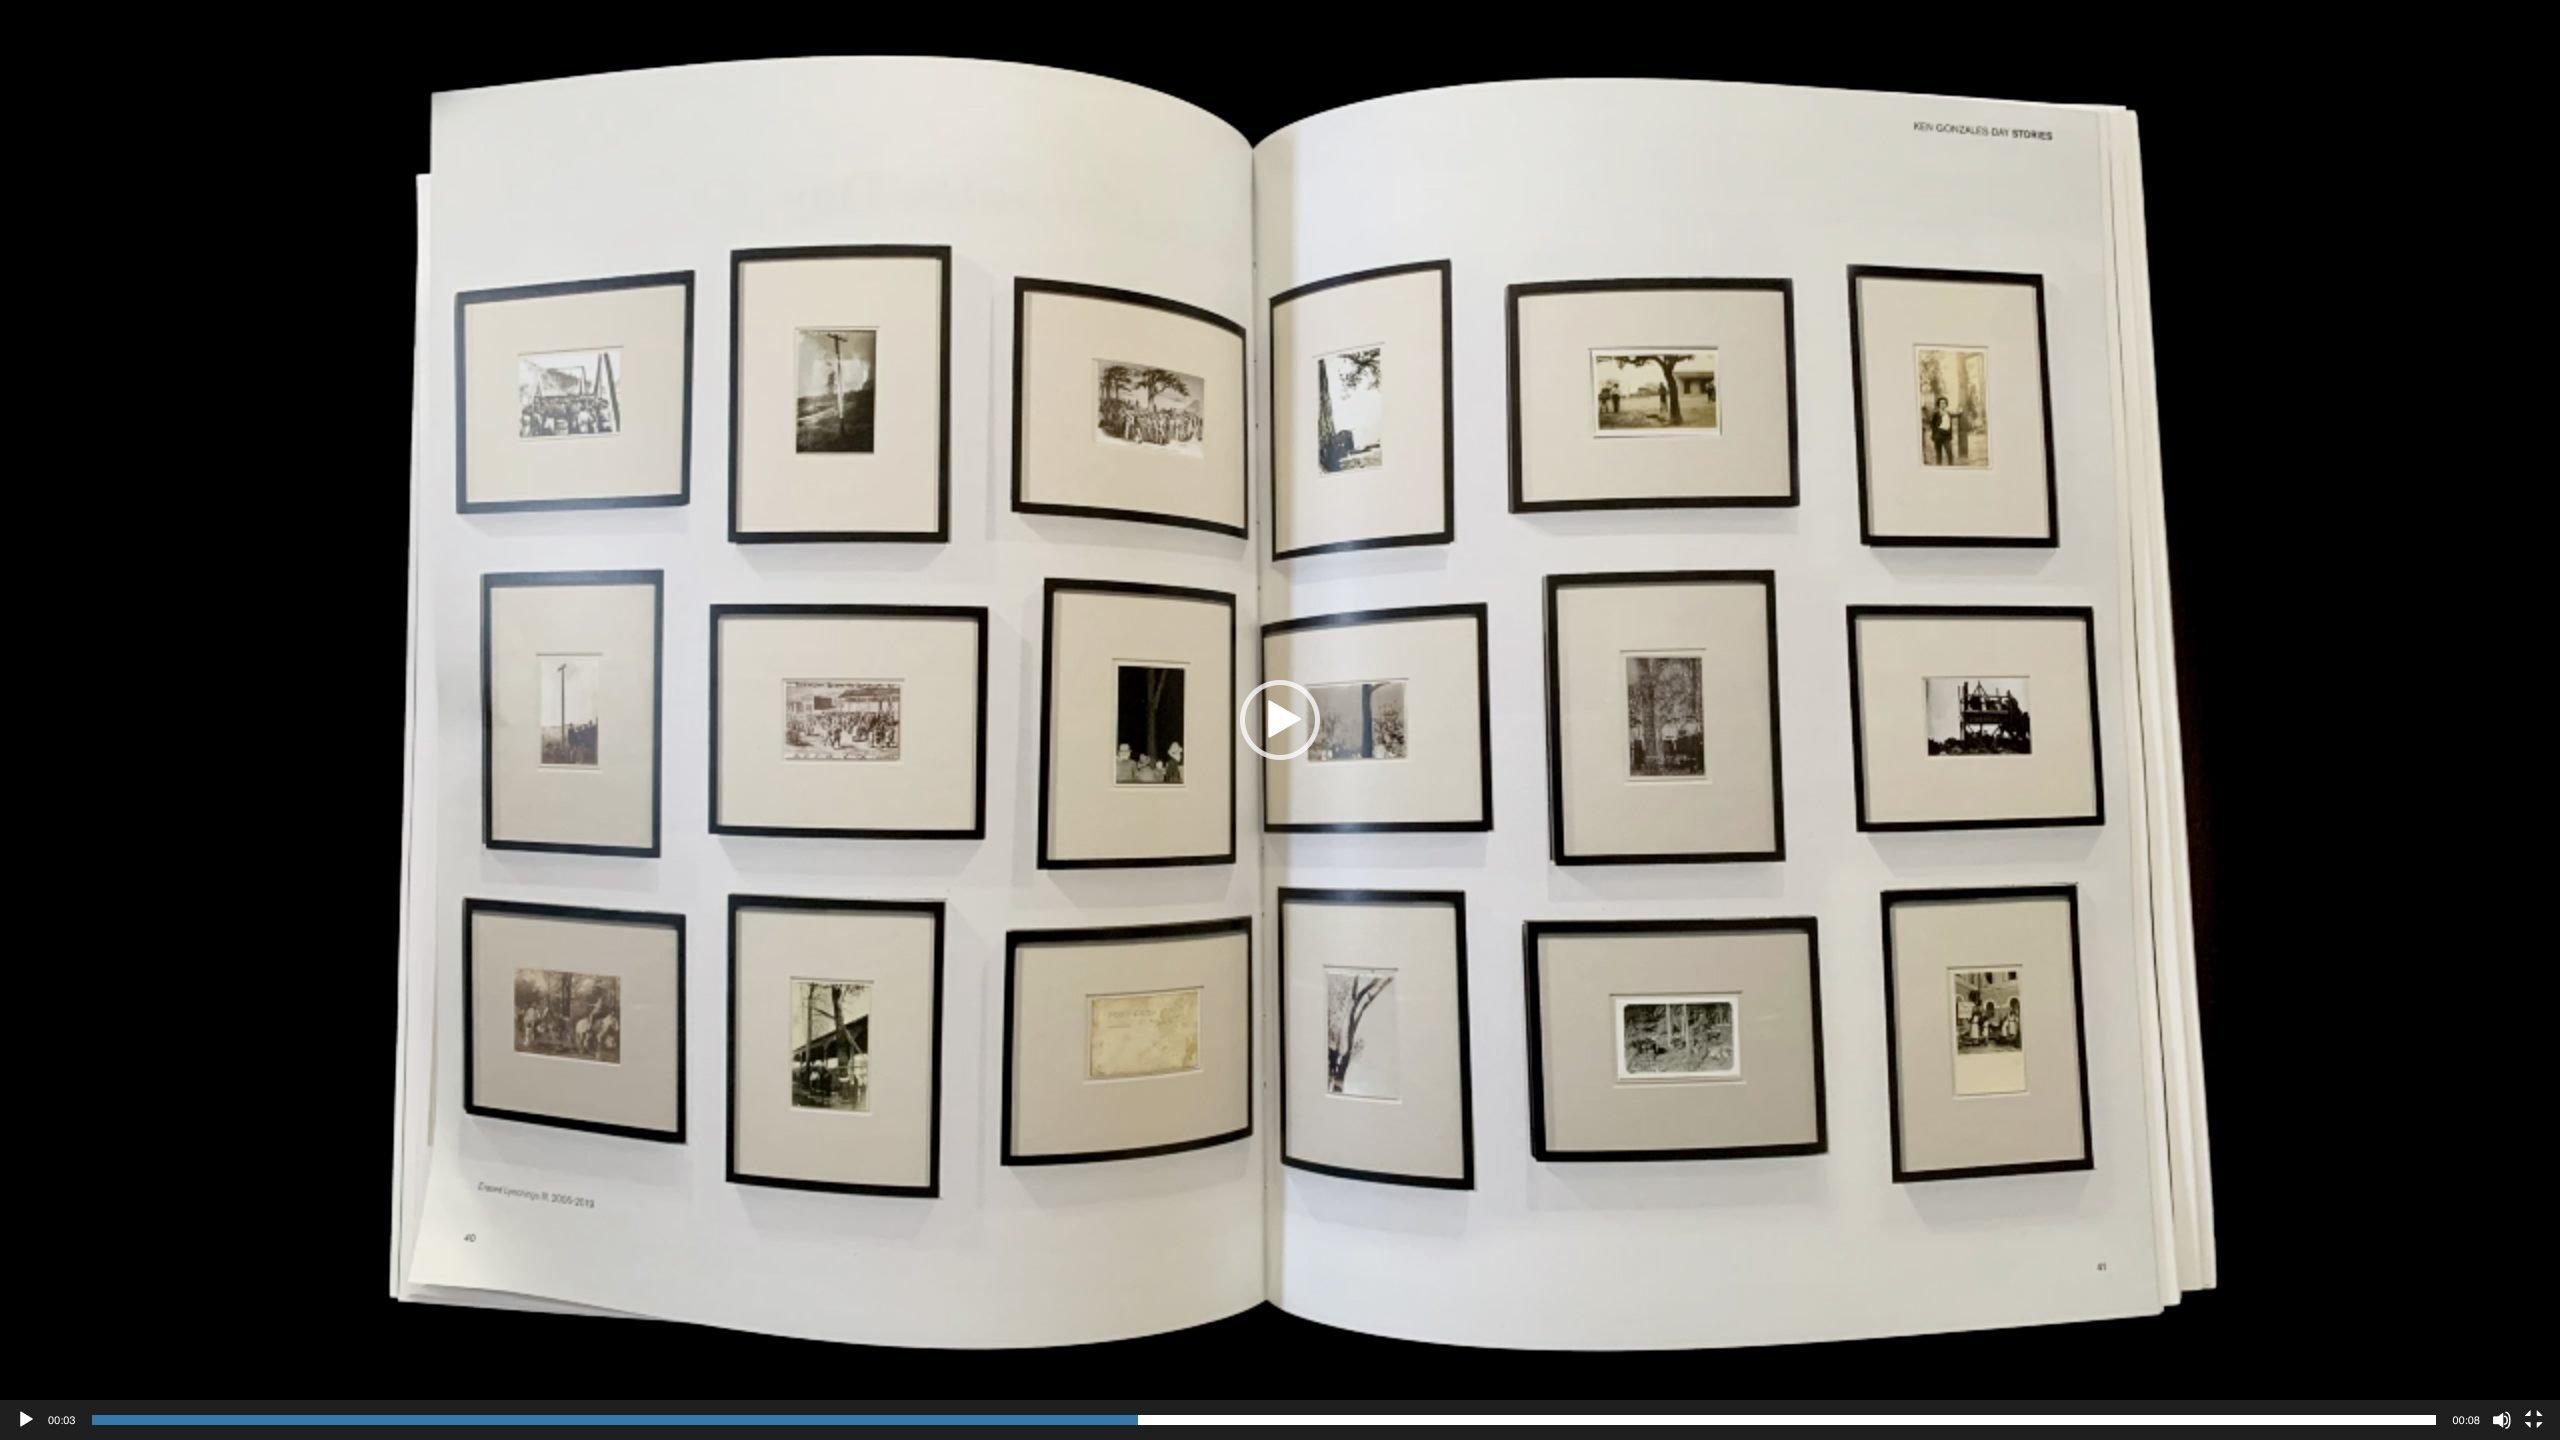 image of magazine spread